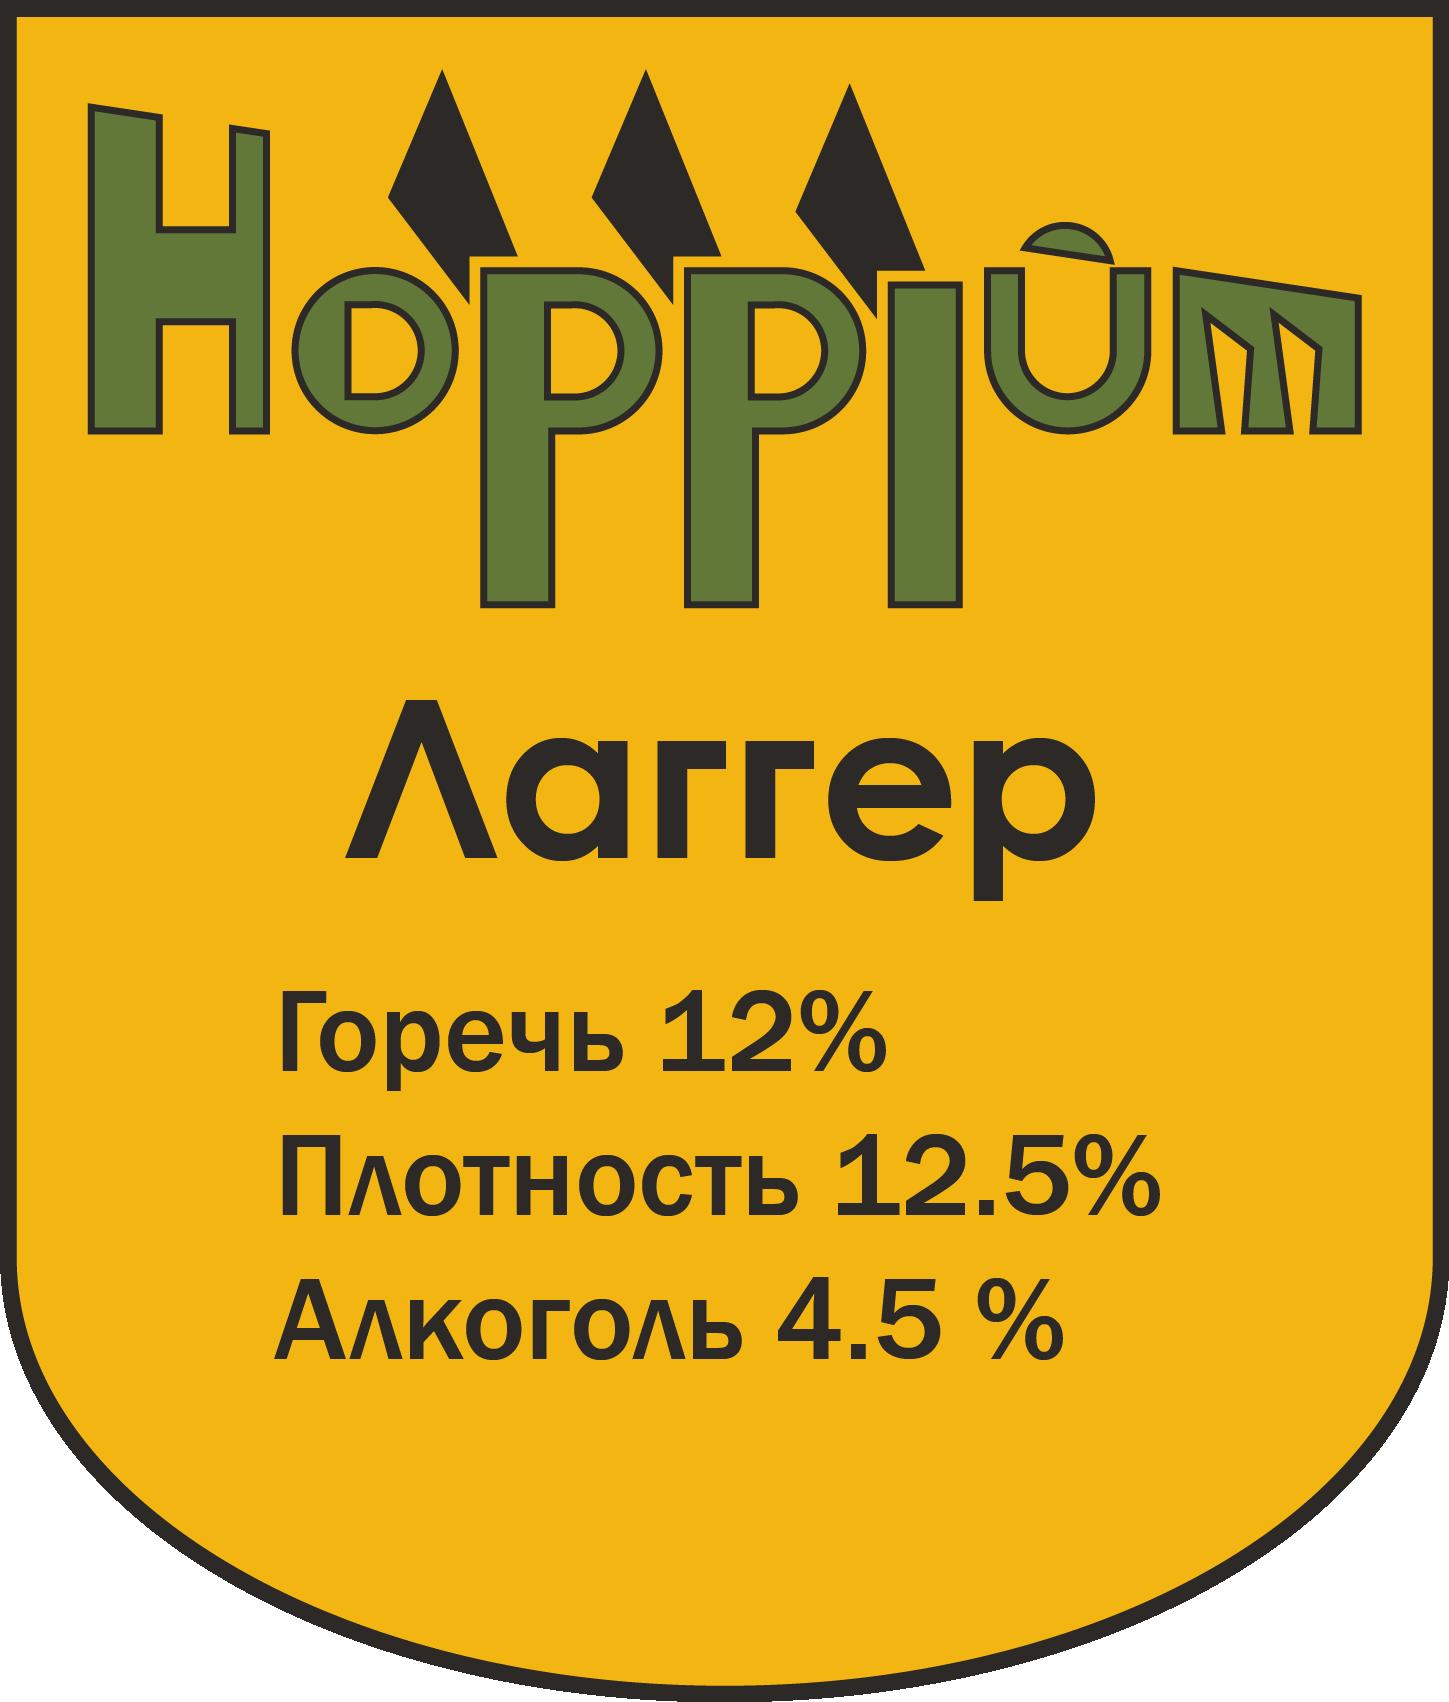 Логотип + Ценники для подмосковной крафтовой пивоварни фото f_3885dc2ab4451880.png